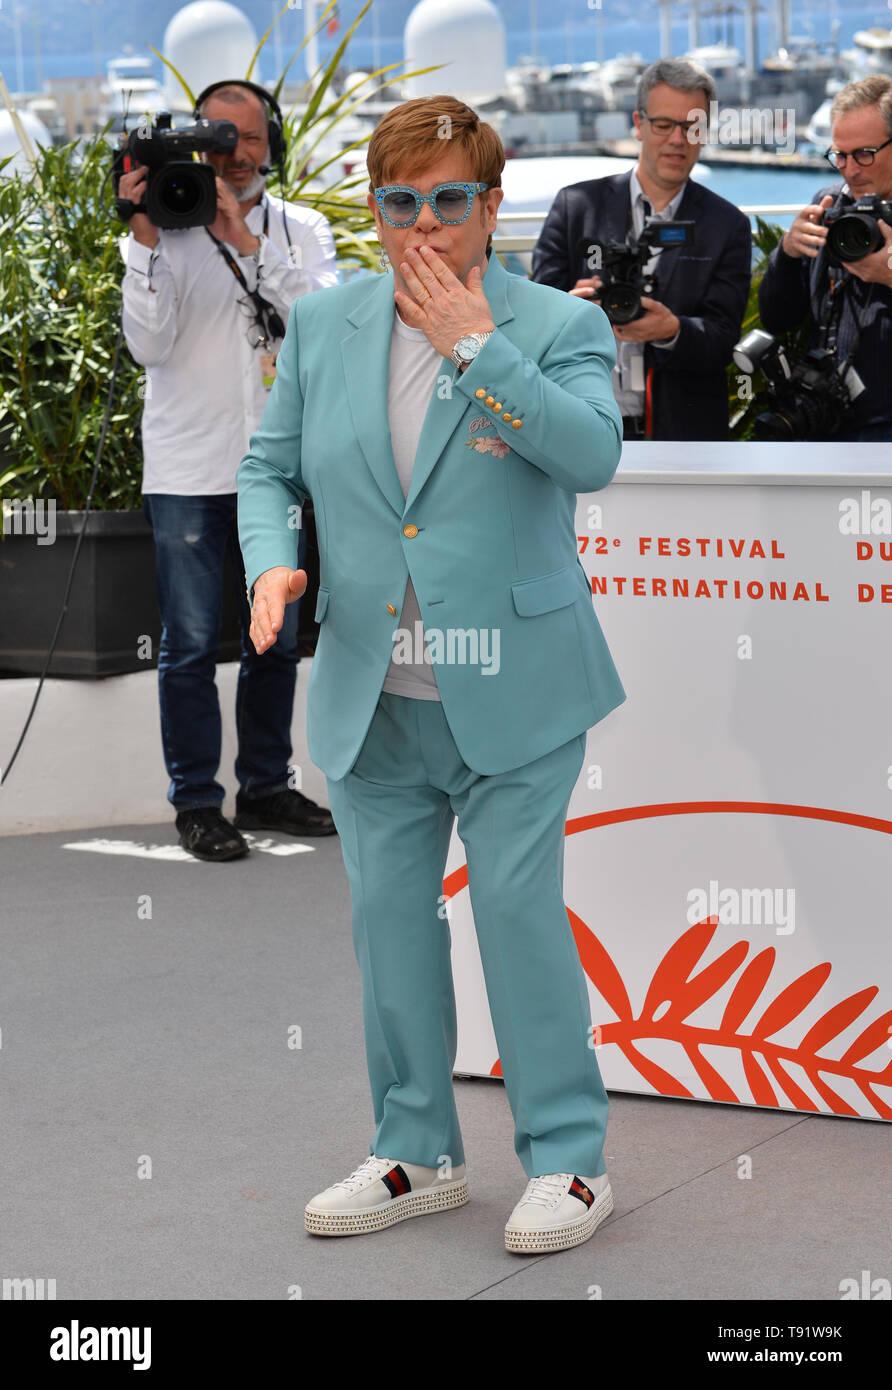 """Cannes, Frankreich. 16. Mai, 2019. CANNES, Frankreich. Mai 16, 2019: Elton John am Fotoshooting für die """"Rocketman"""" auf dem 72. Festival de Cannes. Foto: Paul Smith/Alamy leben Nachrichten Stockfoto"""